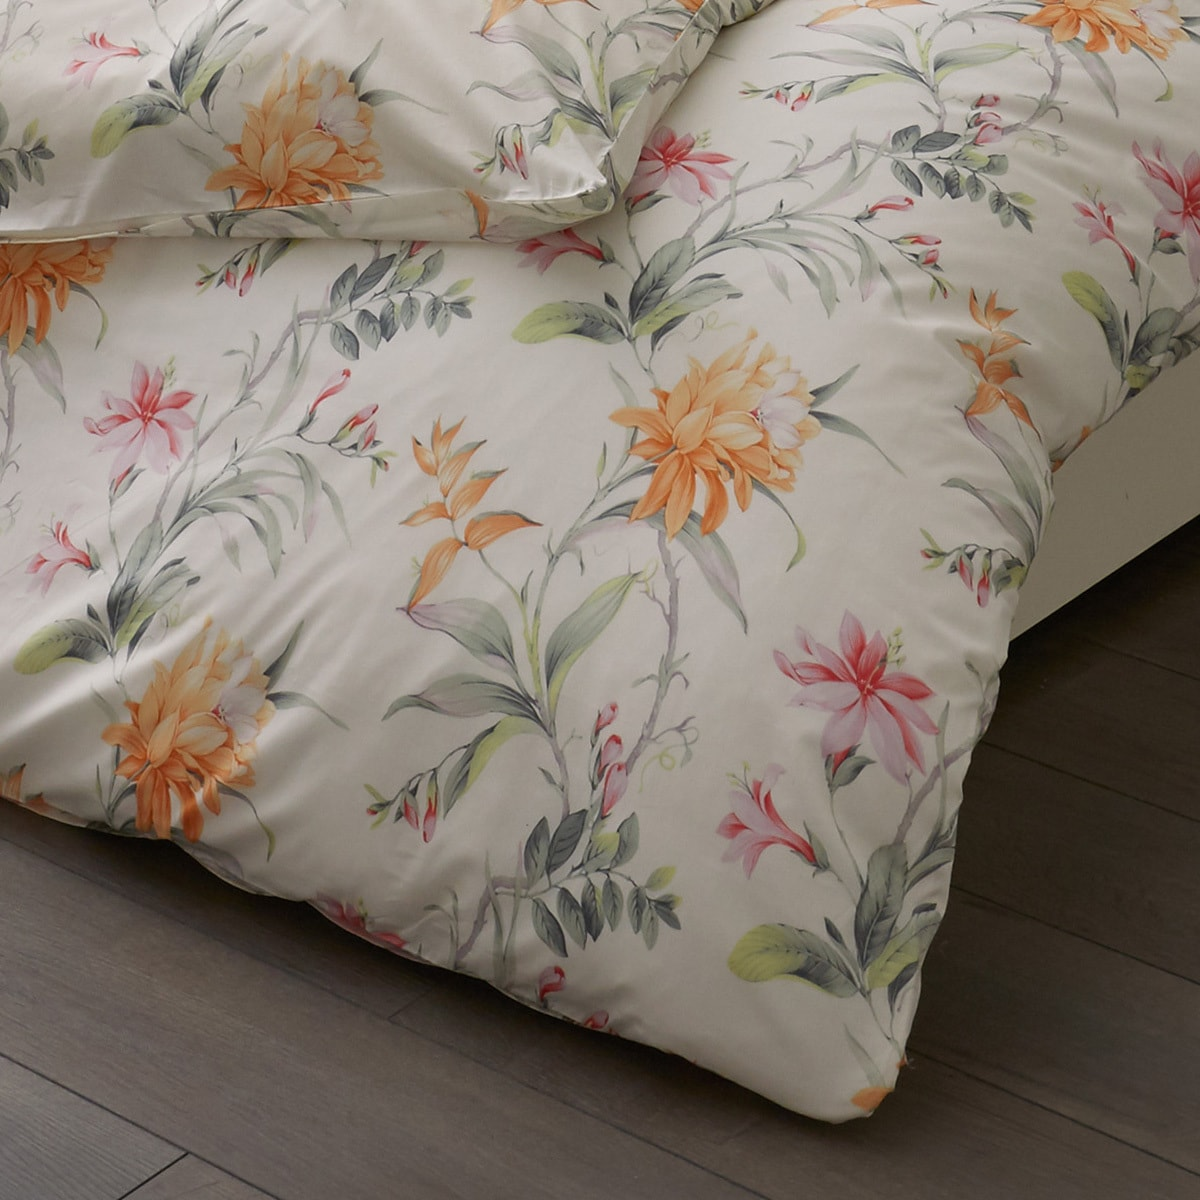 estella mako interlock jersey bettw sche 6155 360 orange. Black Bedroom Furniture Sets. Home Design Ideas